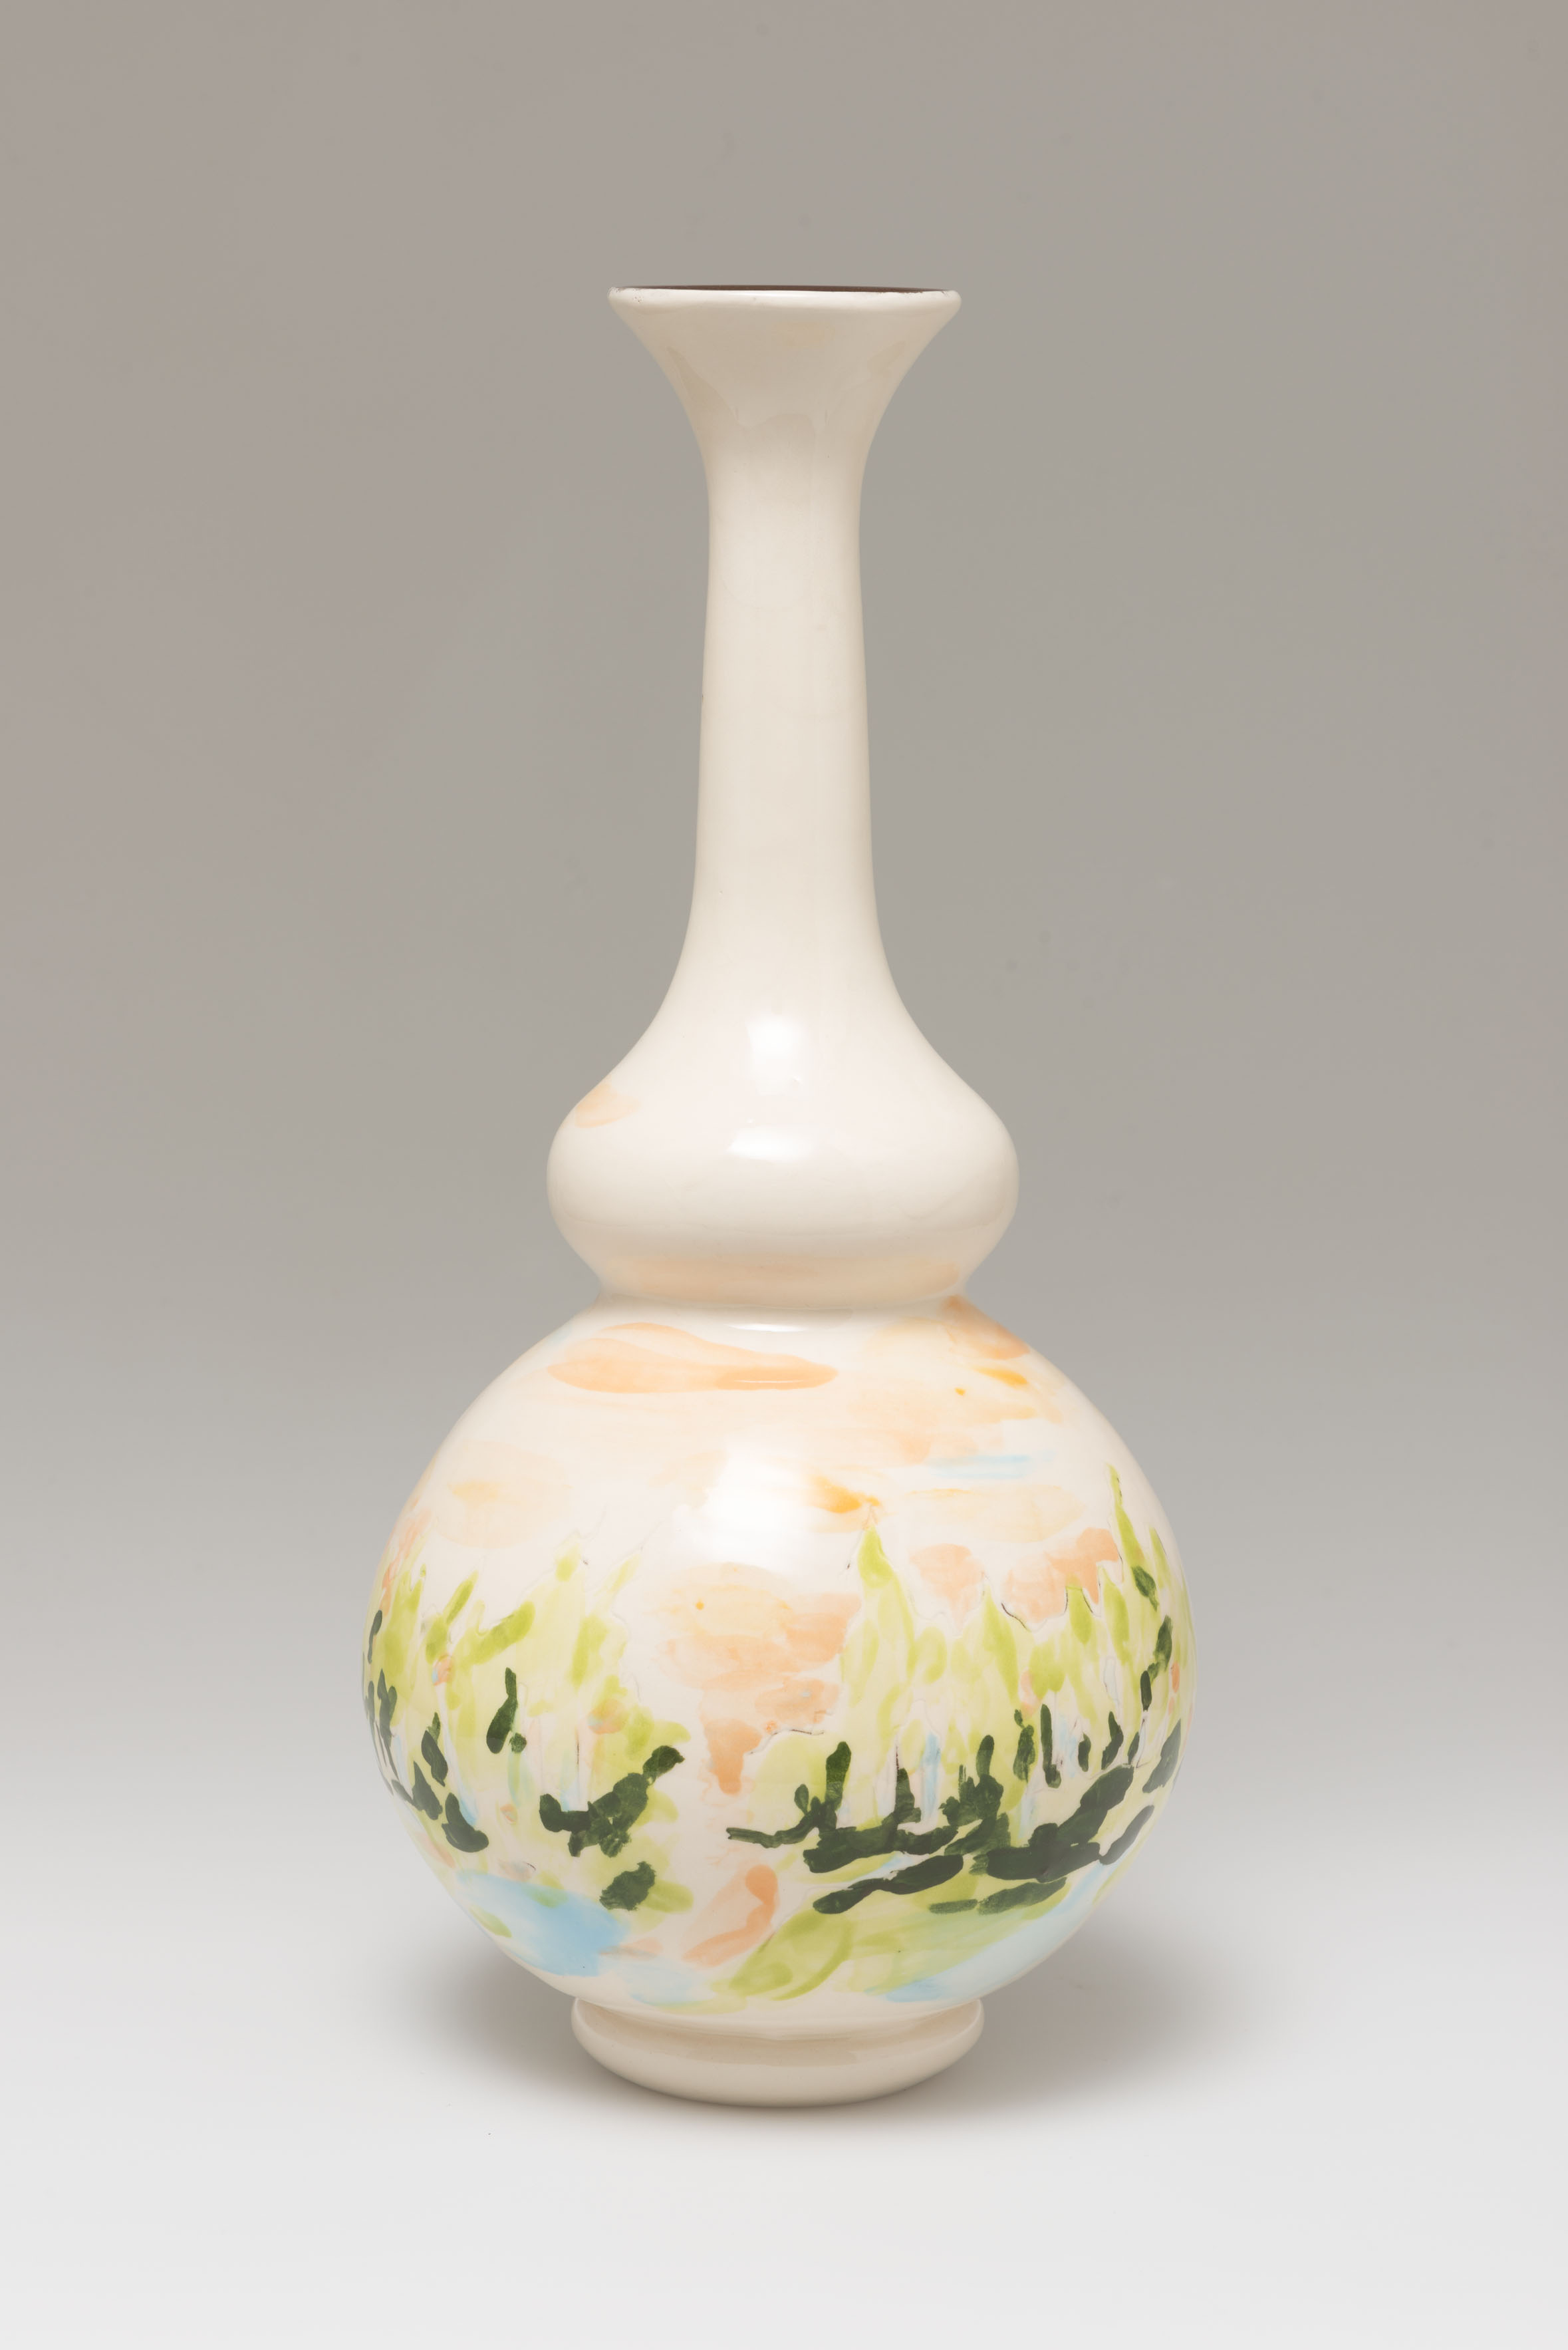 Flower Vase, ceramic, NL 2012